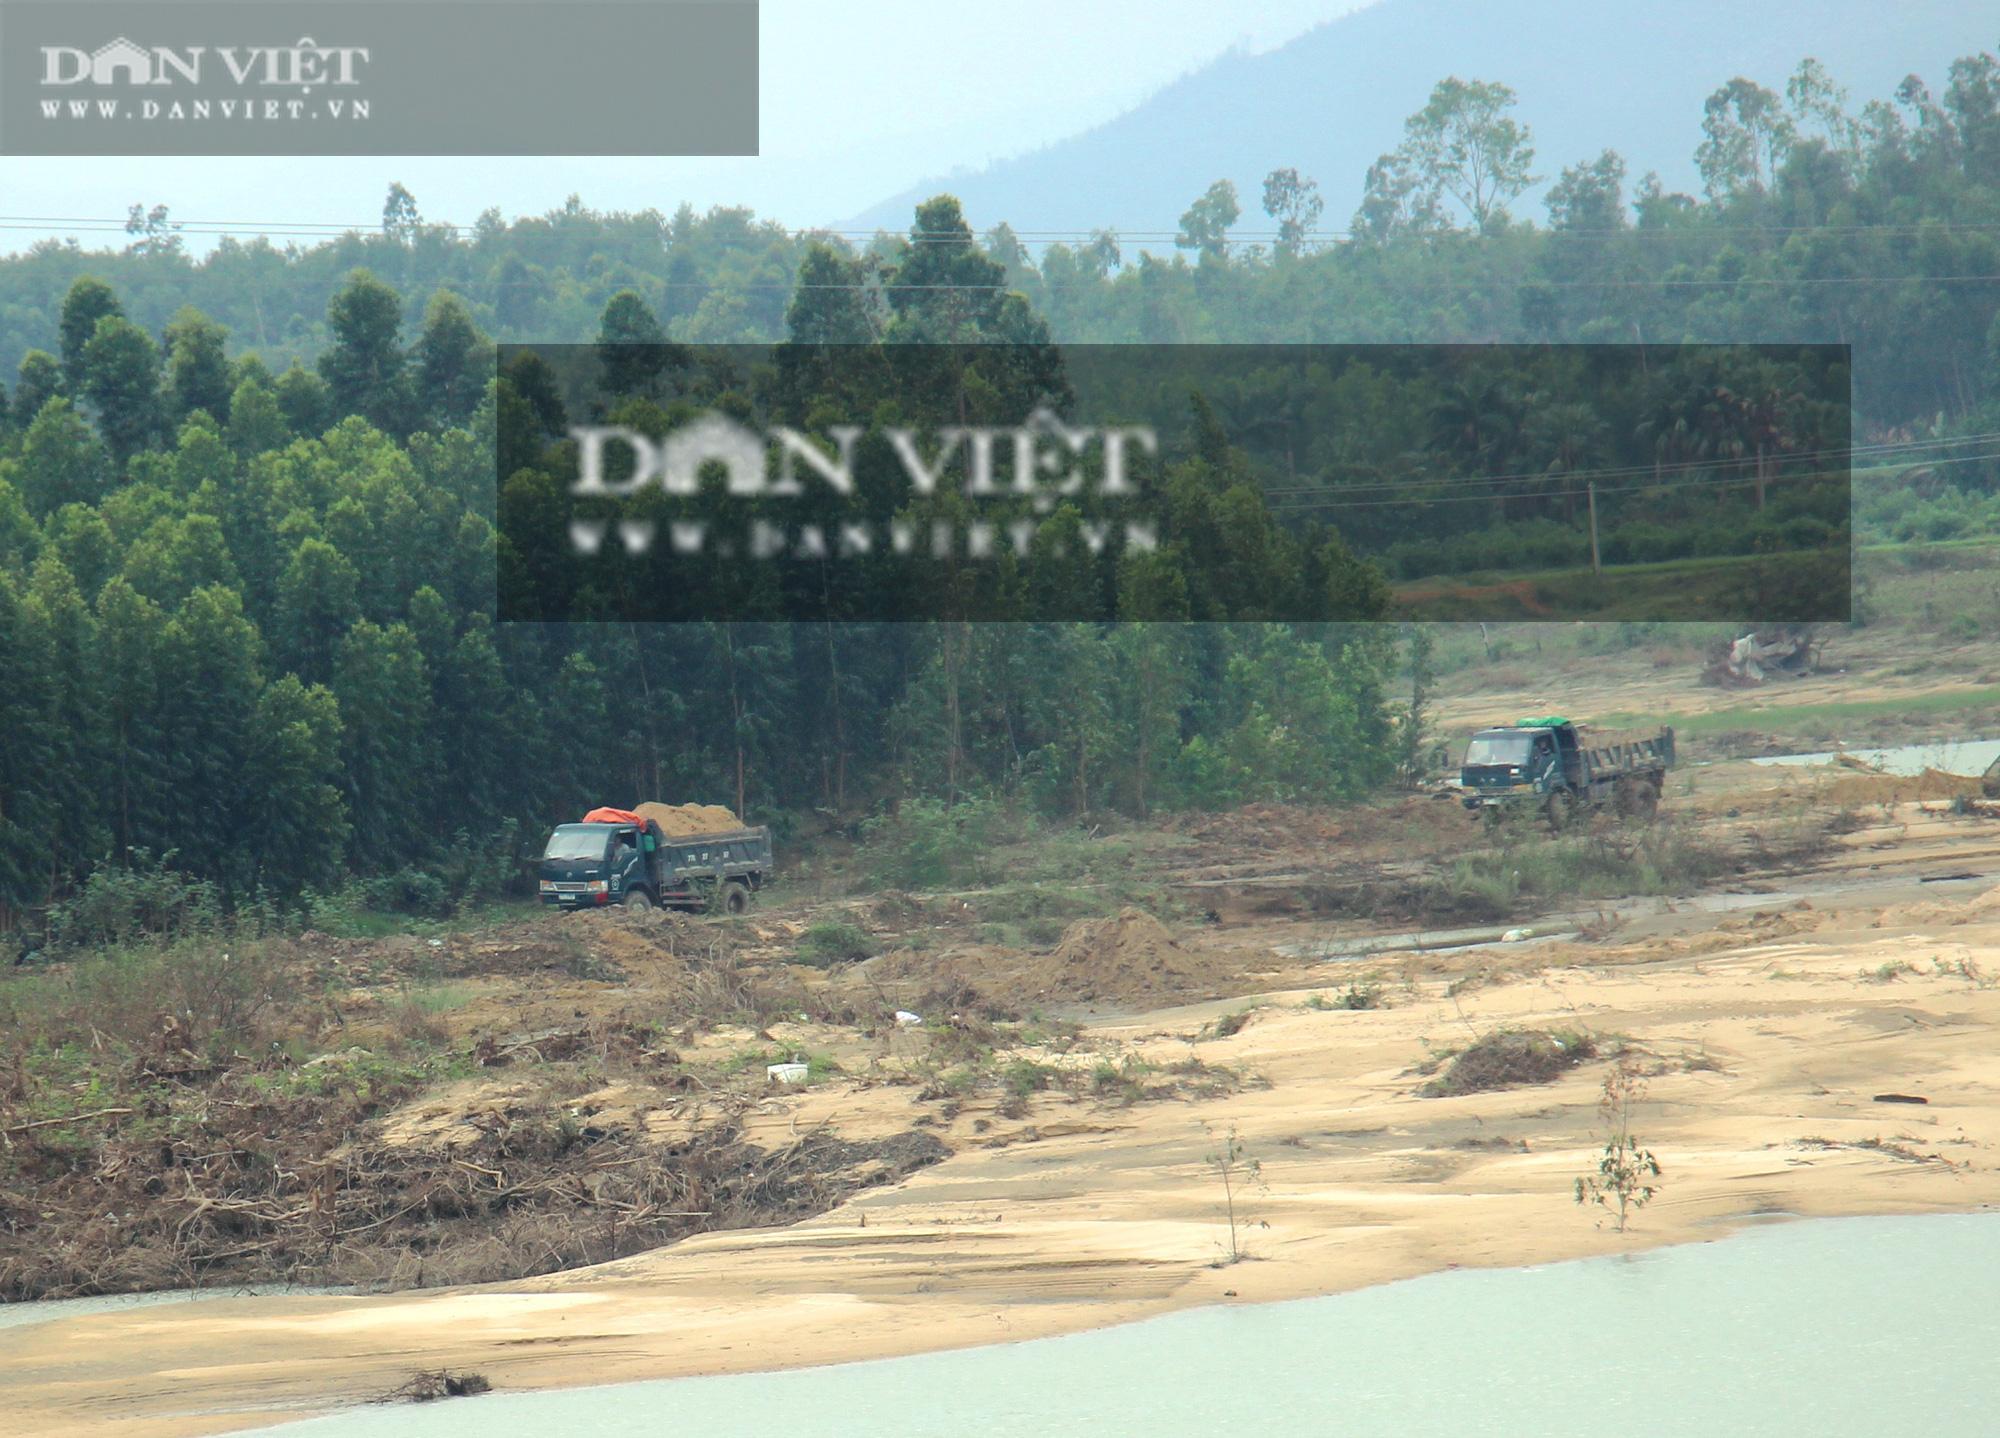 Khai thác cát bất chấp quy định của Chủ tịch tỉnh Bình Định: Giám đốc Sở TNMT lên tiếng - Ảnh 3.